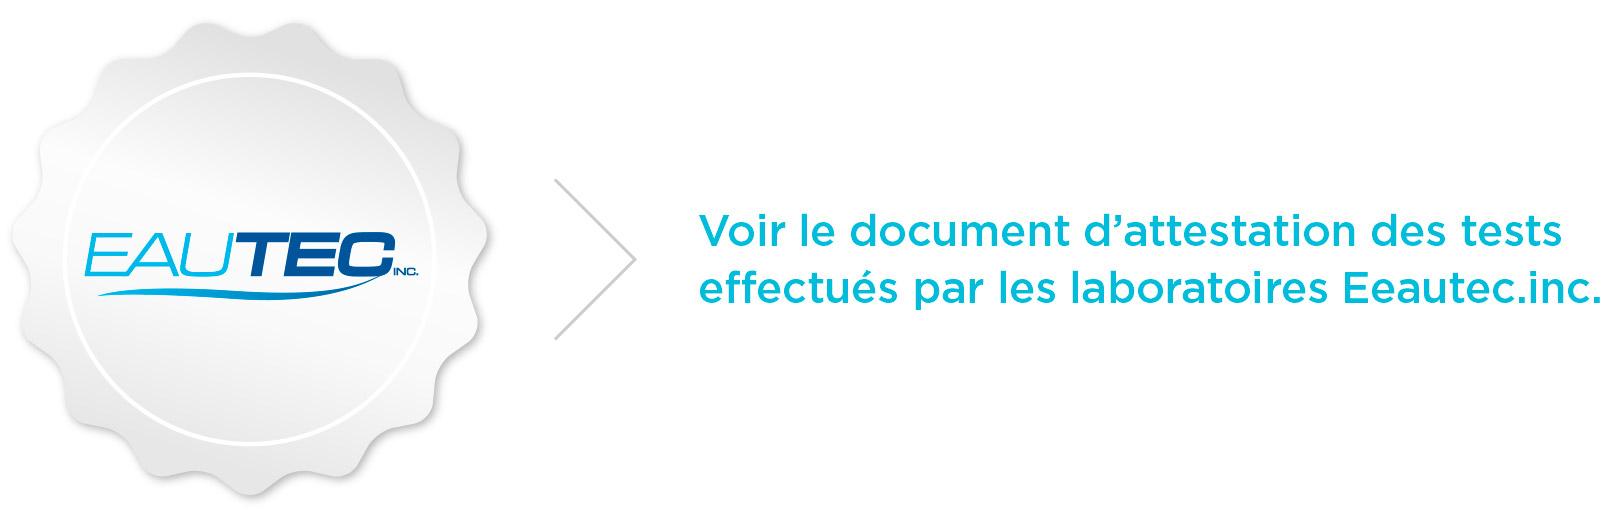 eautec_certification_crest_texte